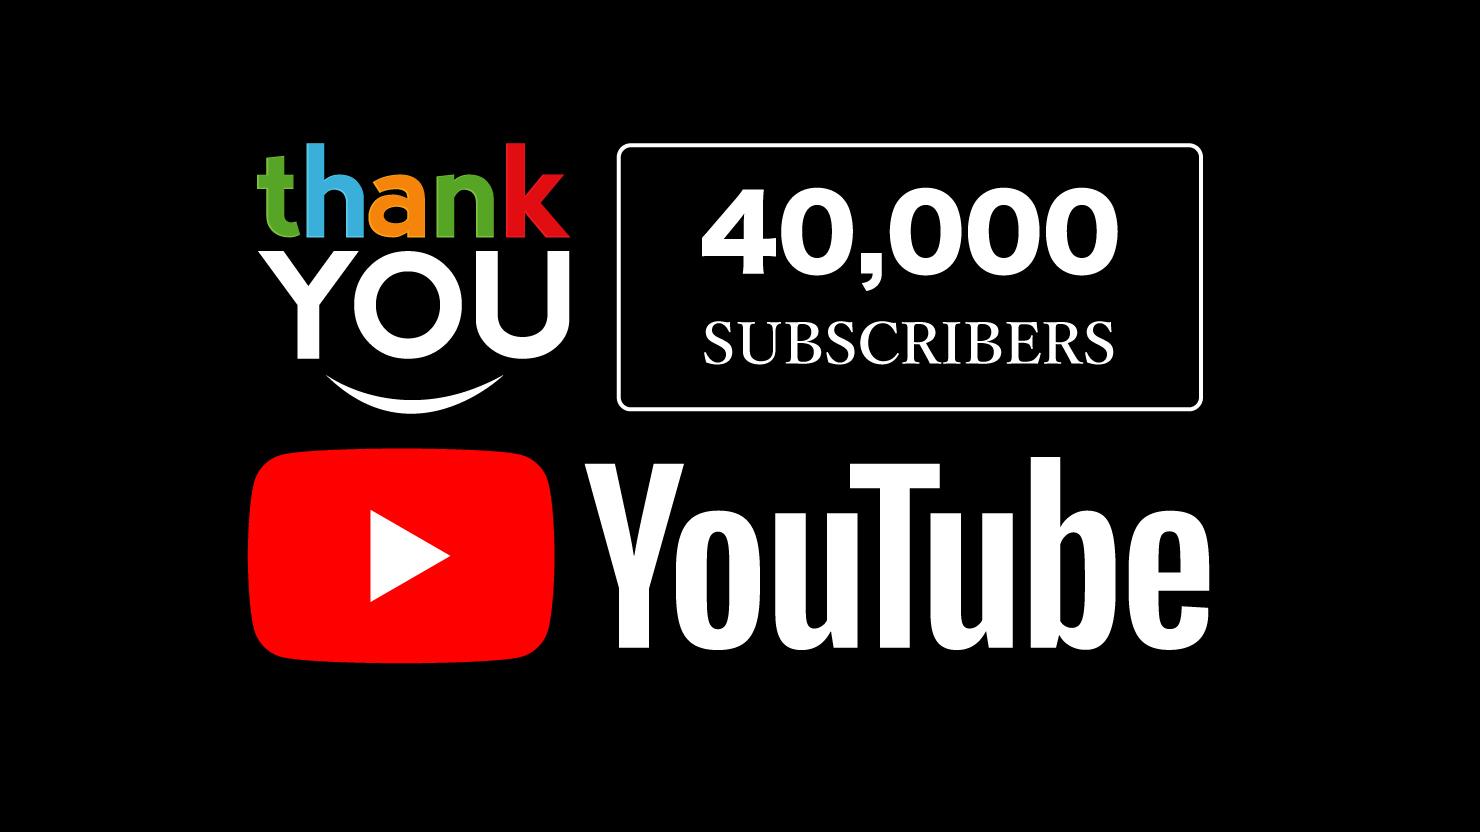 sleepfreaks-youtube_subscribers-40000